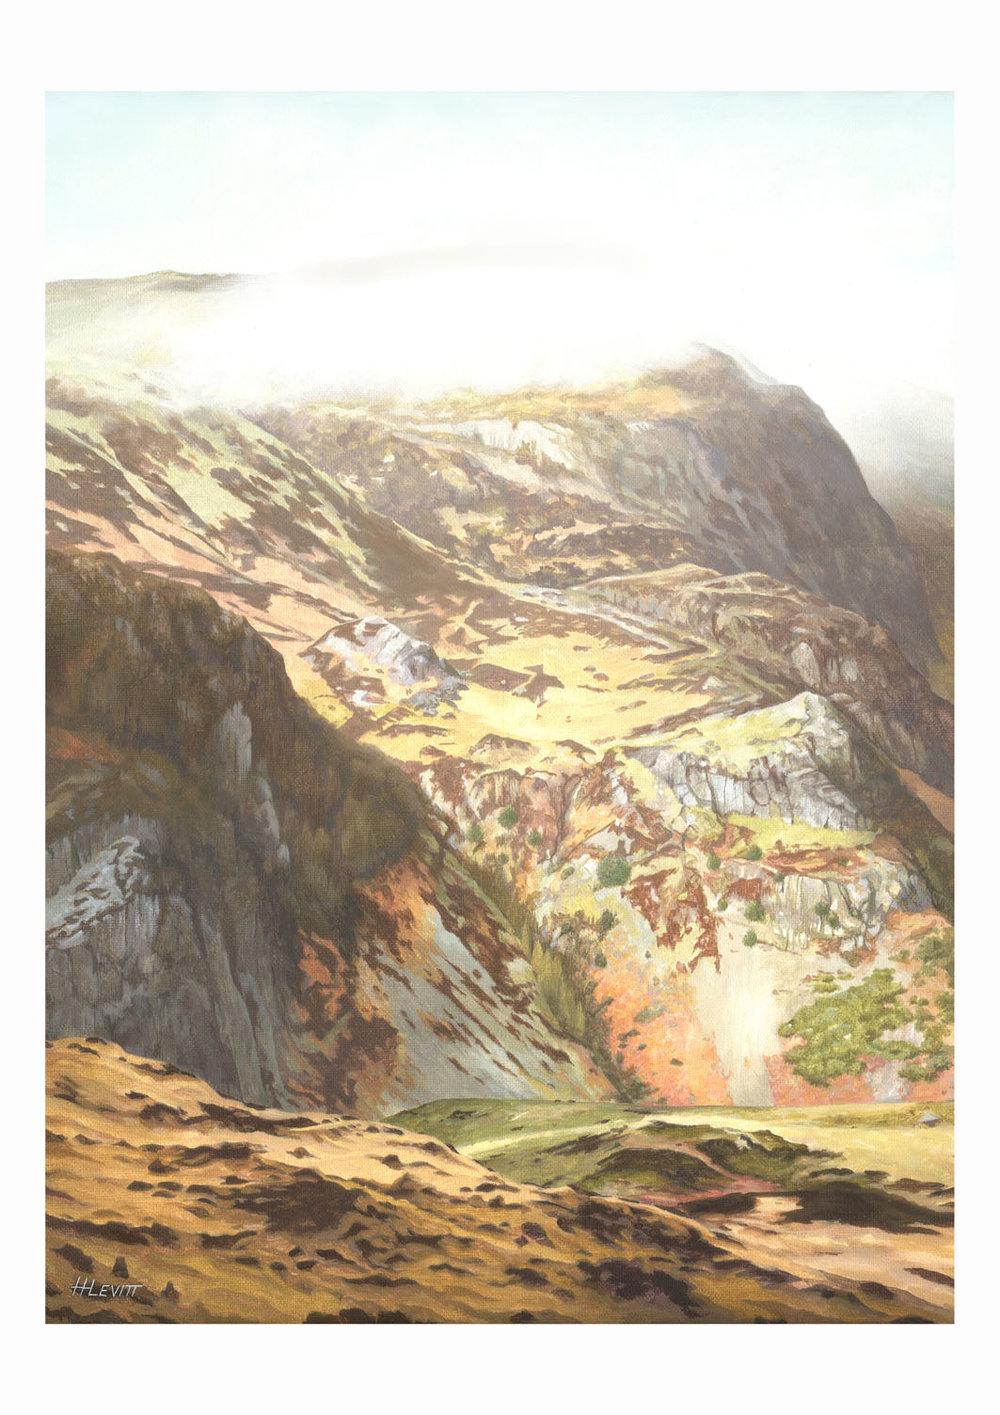 After the Rain. Rosthwaite, Cumbria